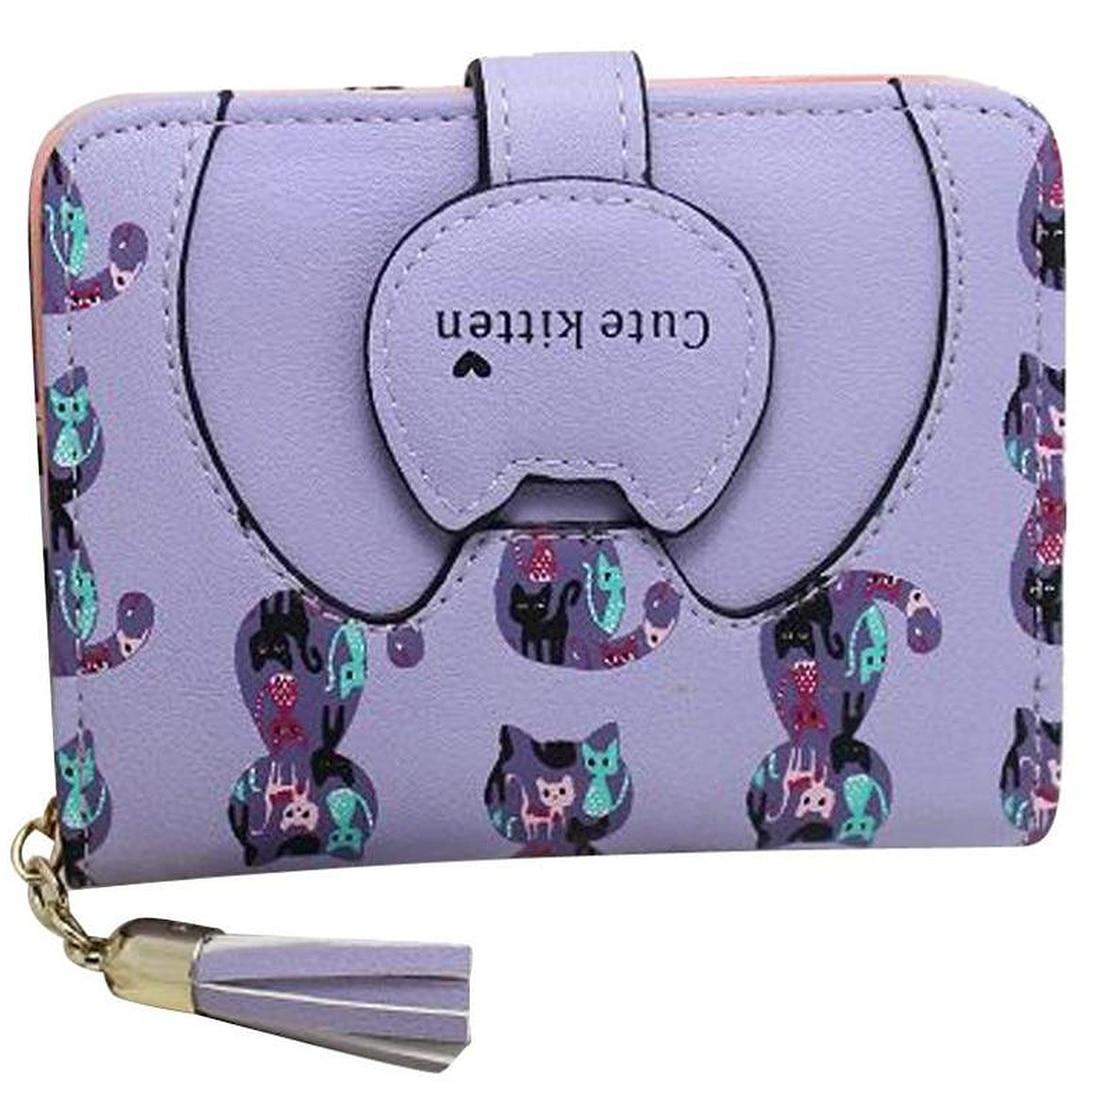 ASDS Ctue Women Cat Card Holder Purse Short Wallet Bags Handbags<br><br>Aliexpress